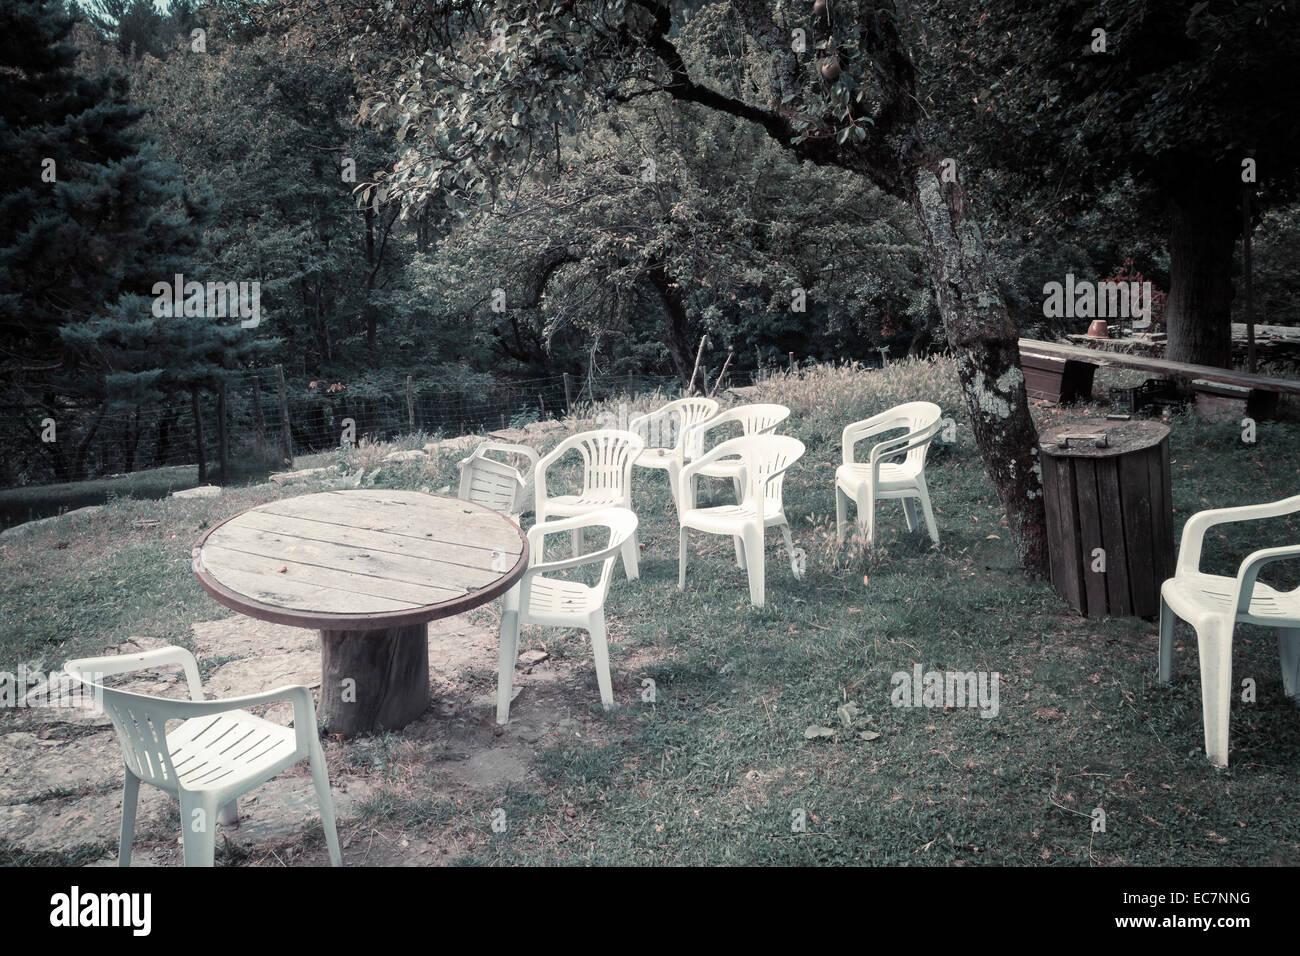 Tabla exterior sillas ausencia Imagen De Stock